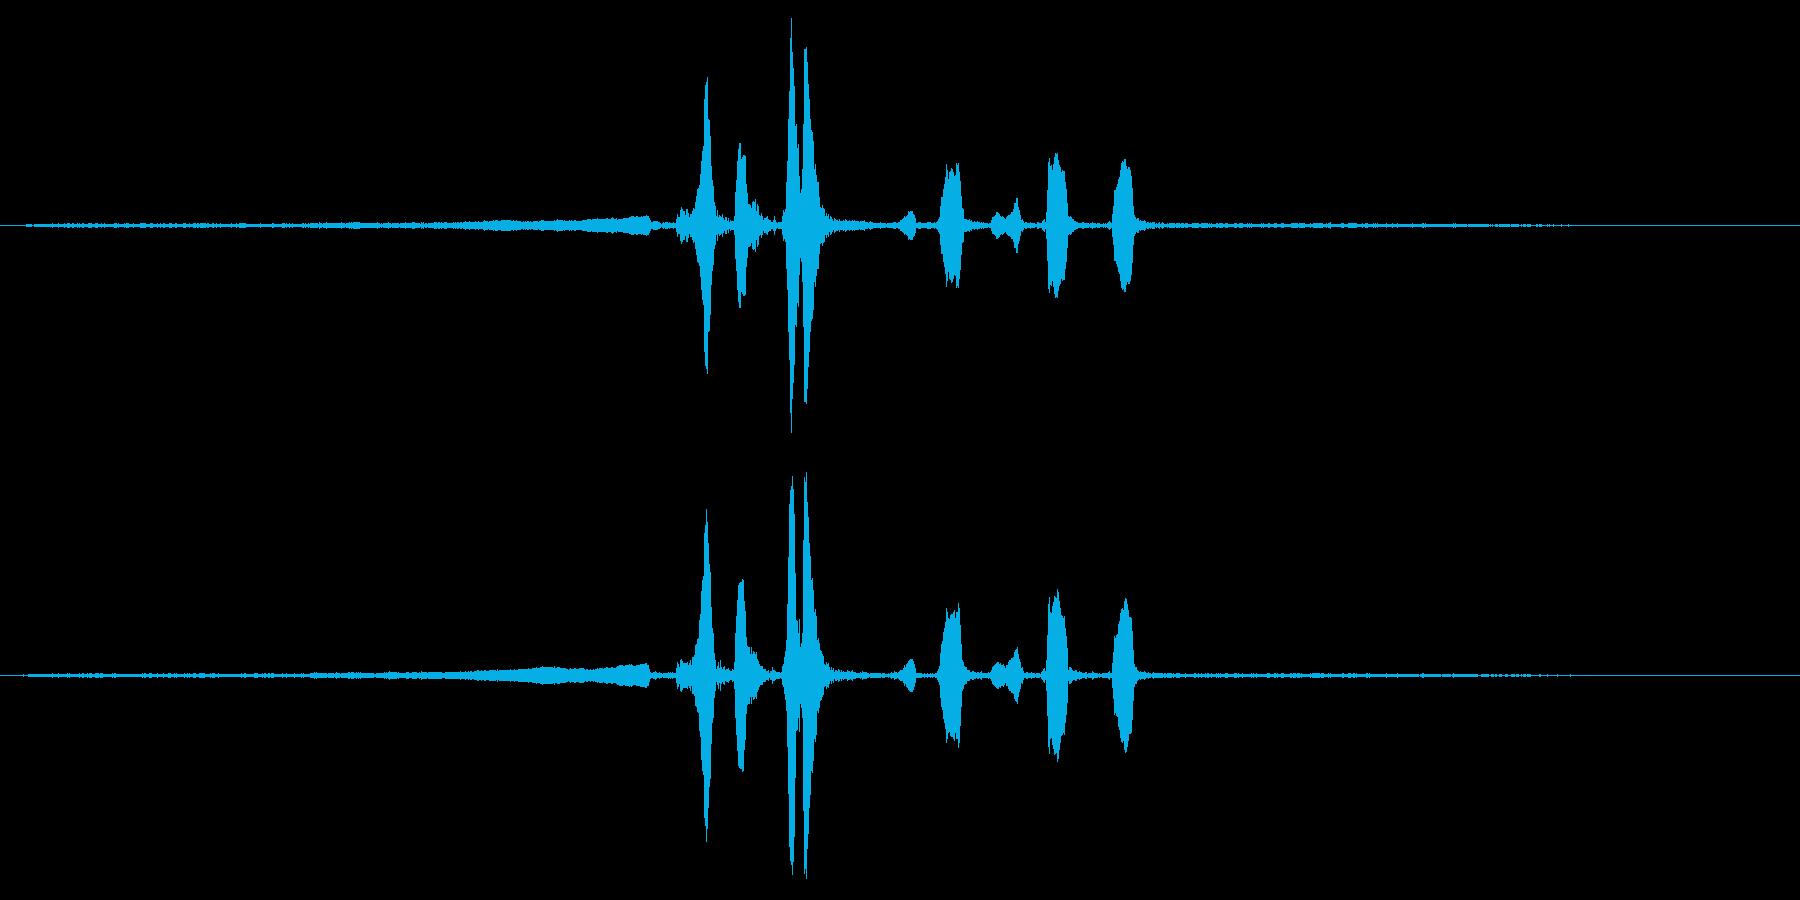 ウグイスの鳴き声の再生済みの波形